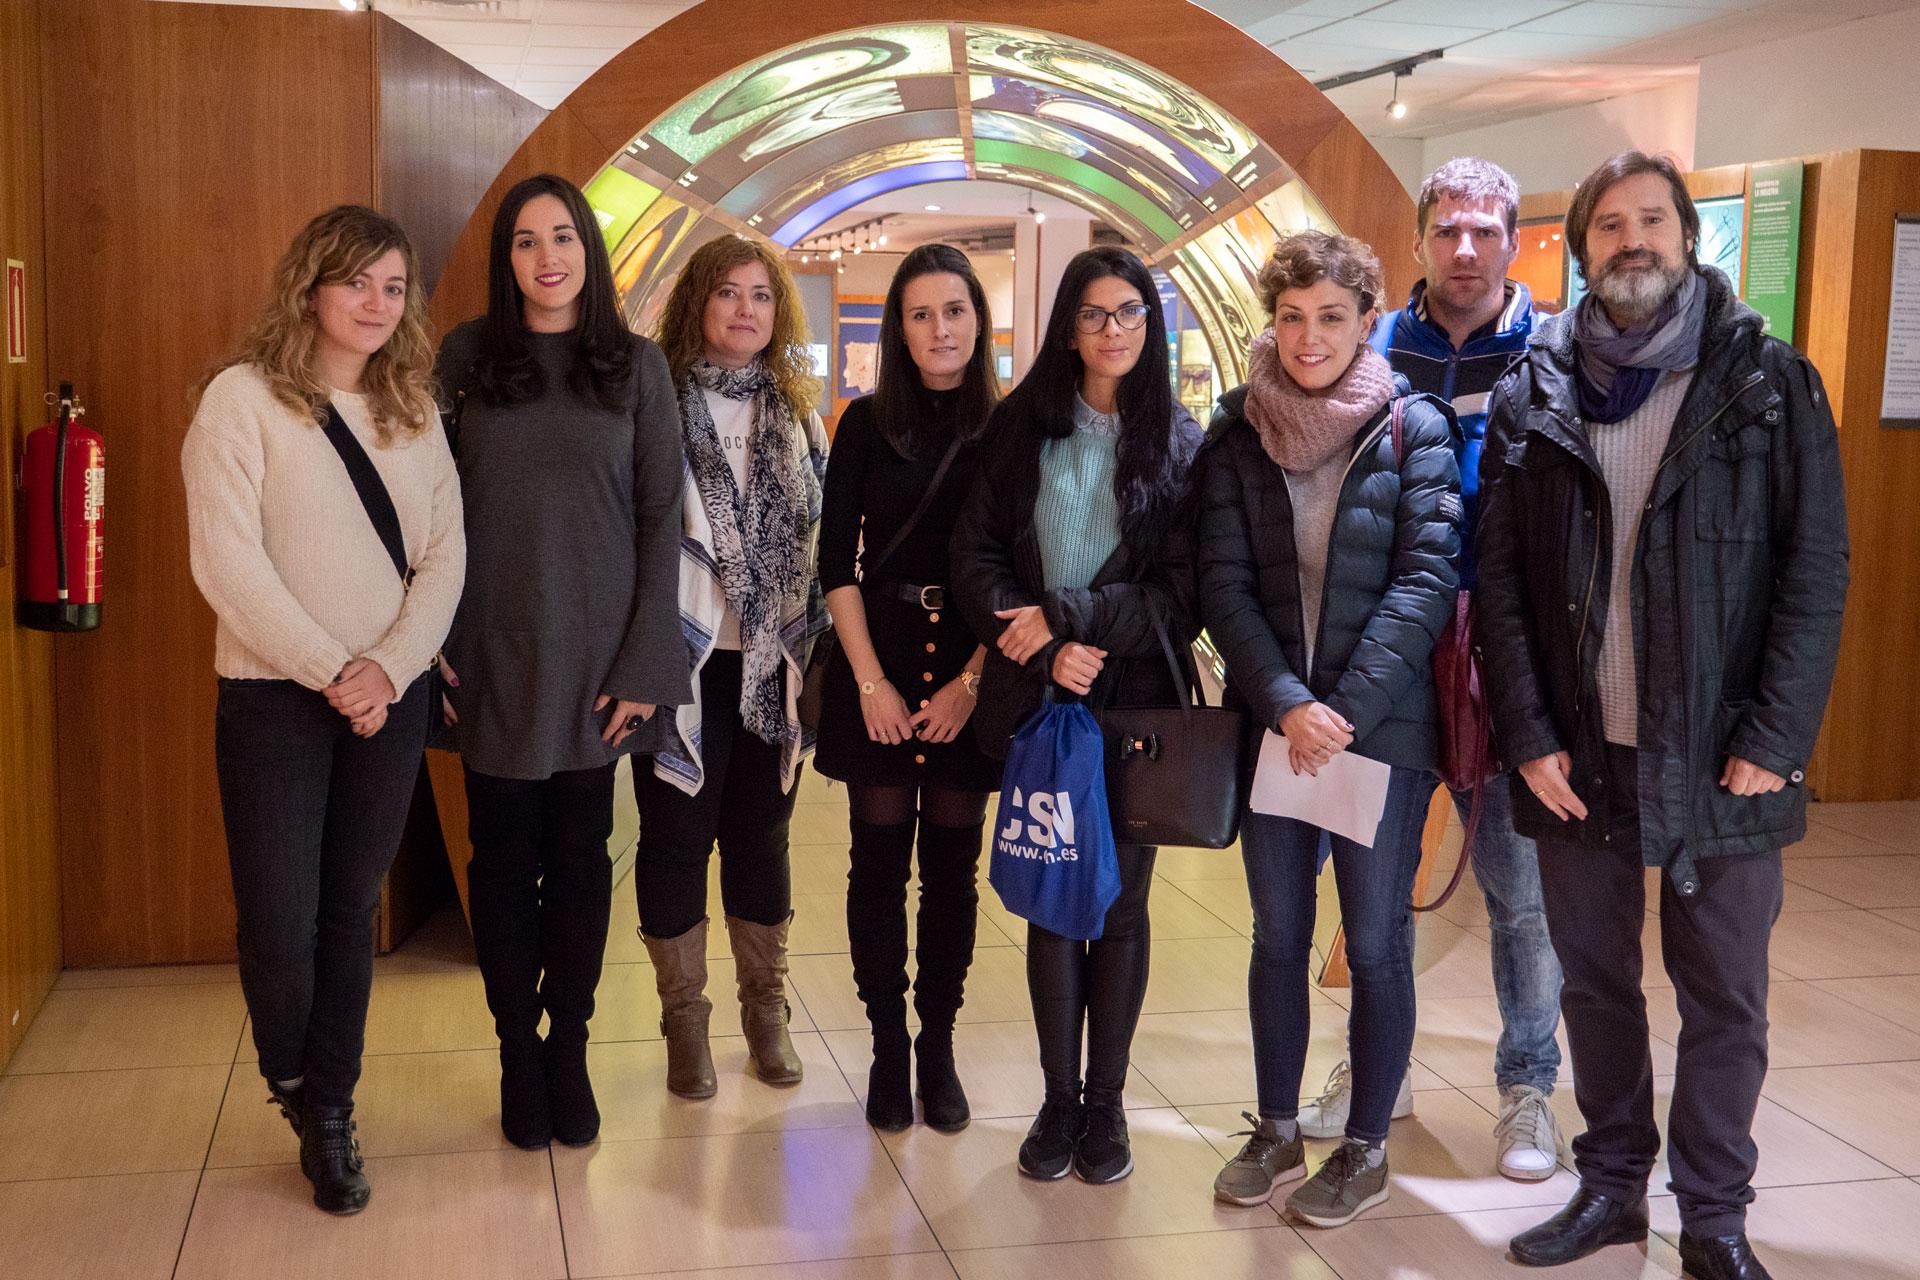 P1044569 Consejo de Seguridad Nuclear: Una visita para la protección del Medio Ambiente